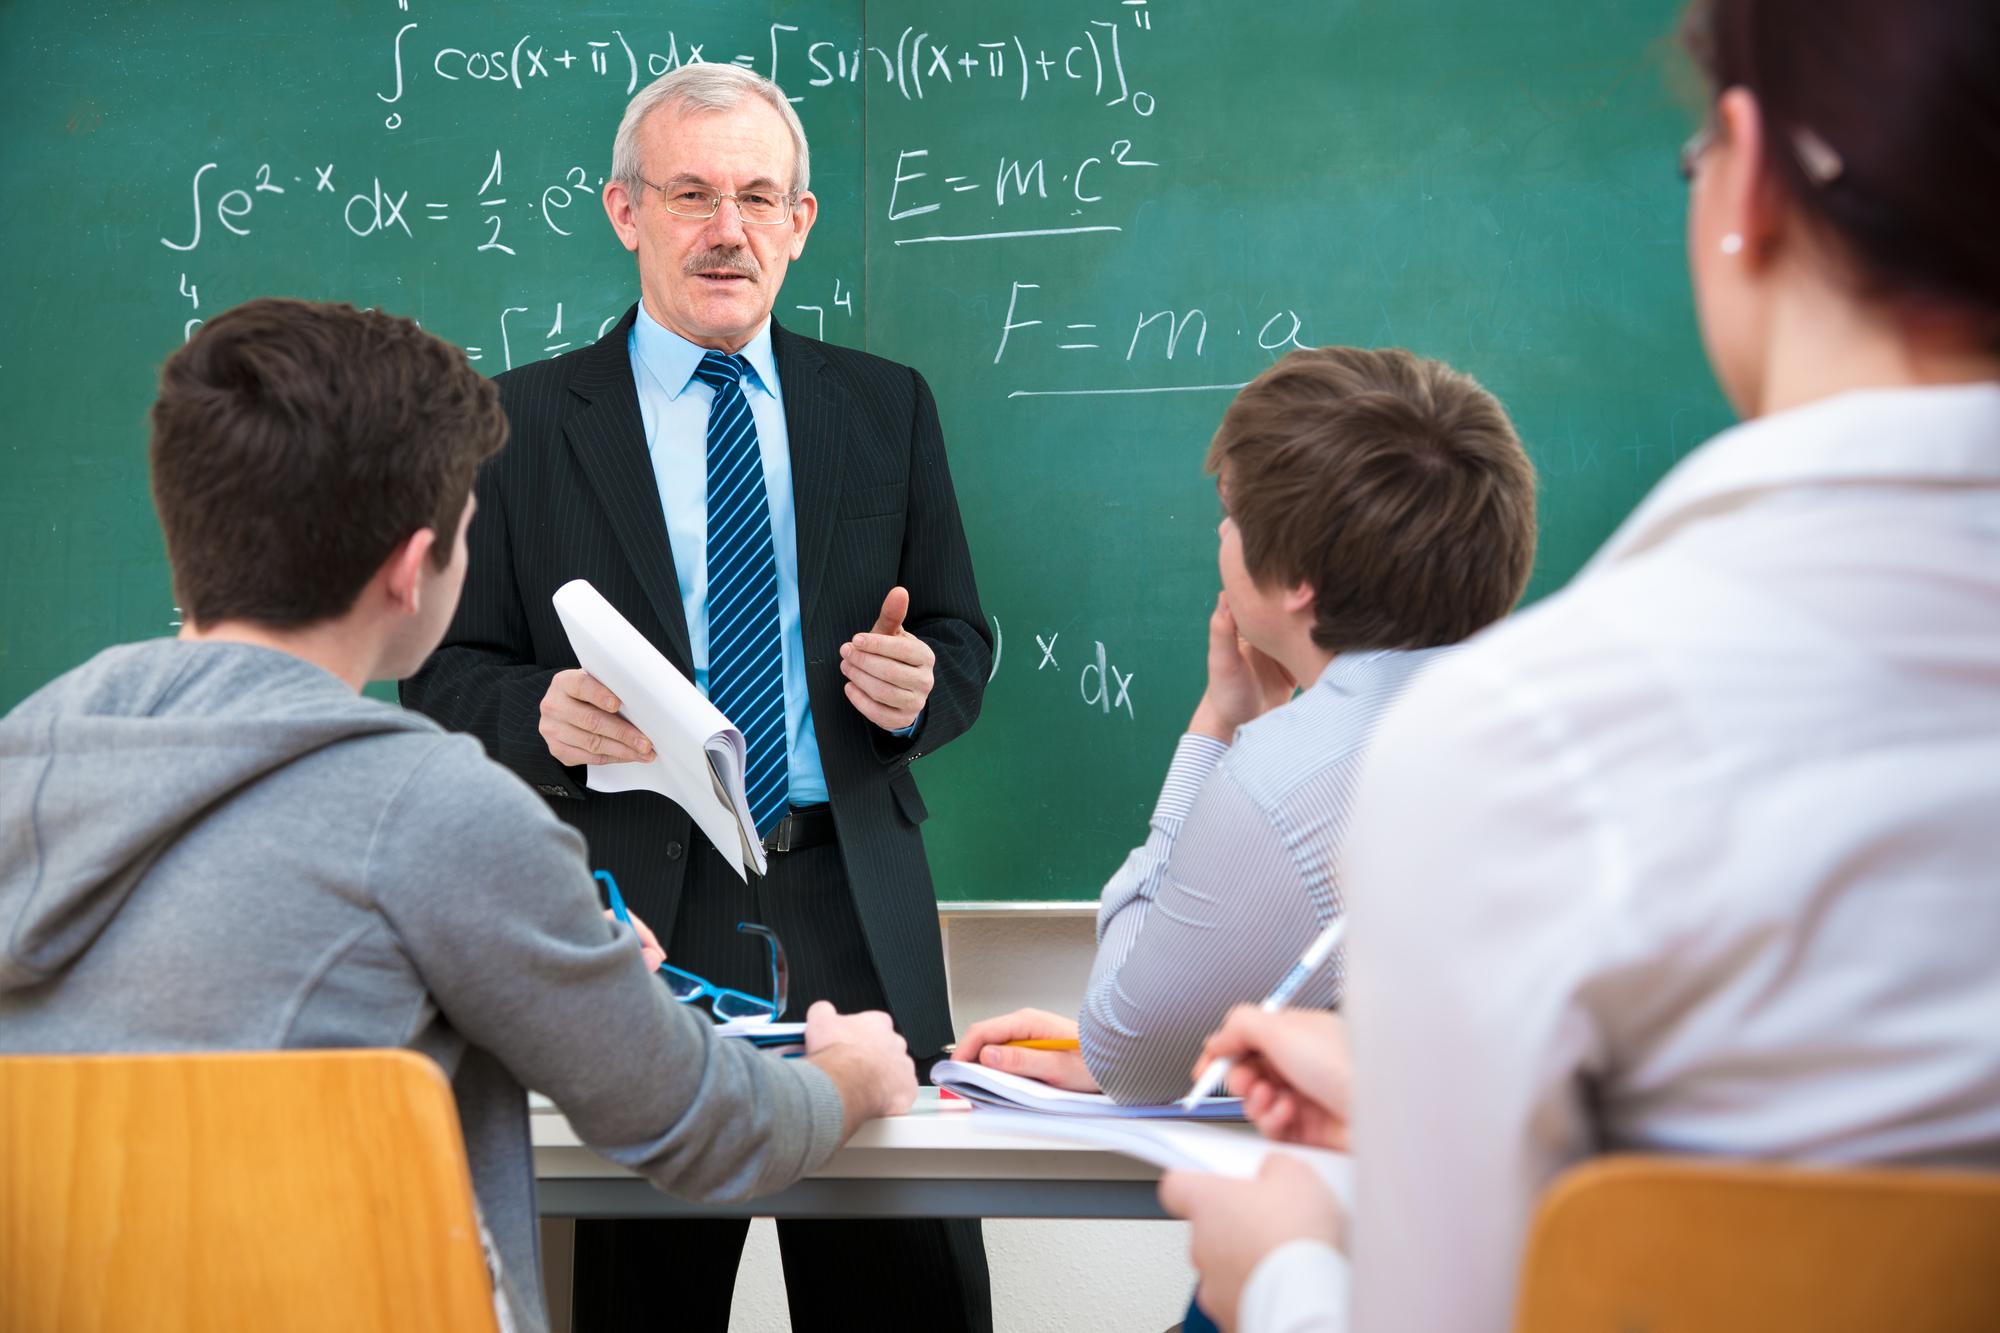 Минобрнауки рекомендует педагогам вузов старше 65 лет преподавать дистанционно